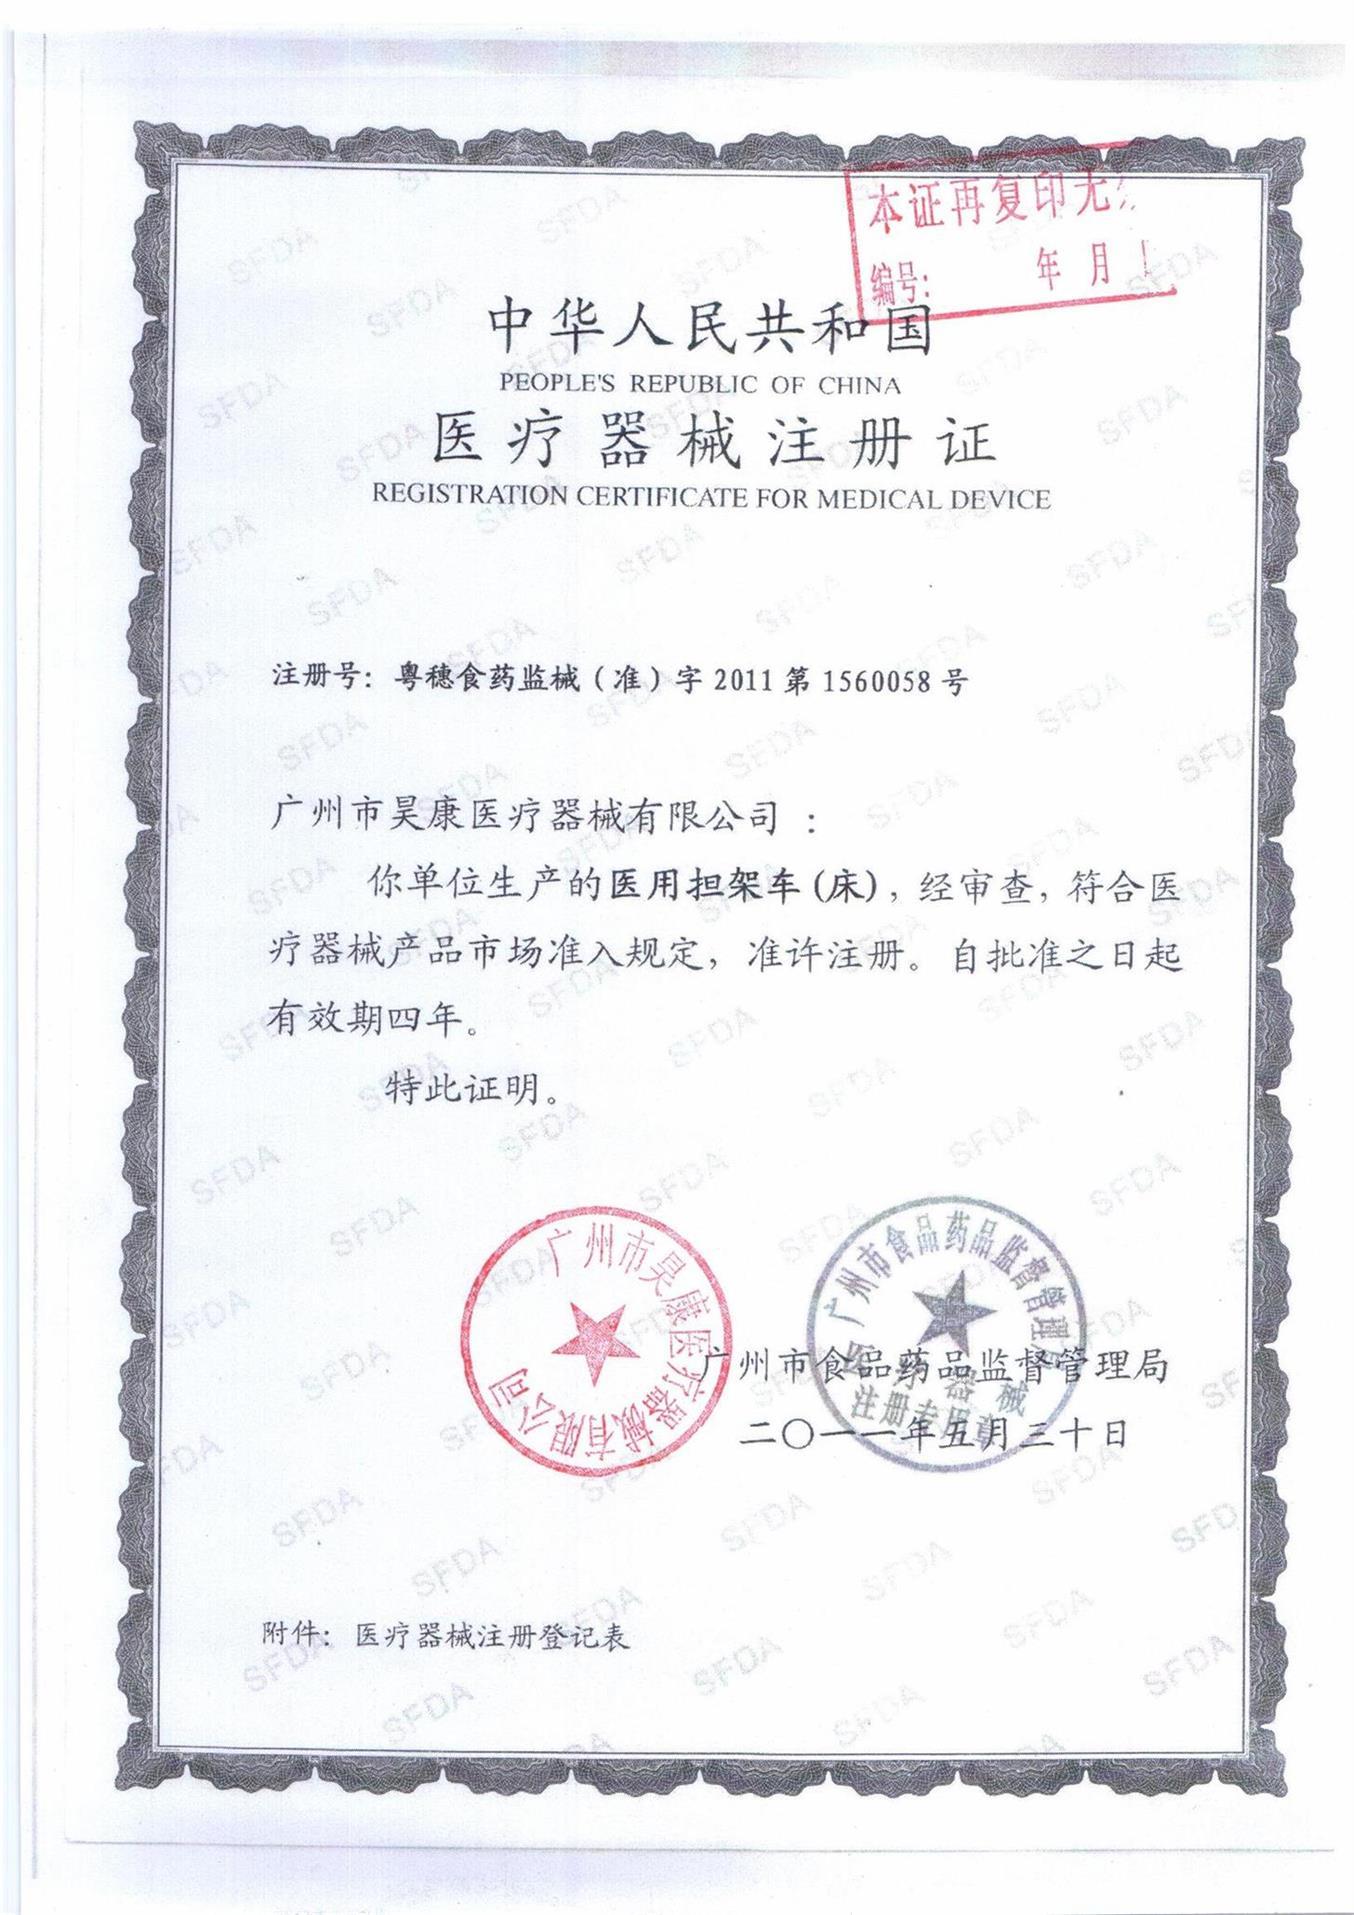 REGISTRATION CERTIFICATE FOR MEDICAL CART